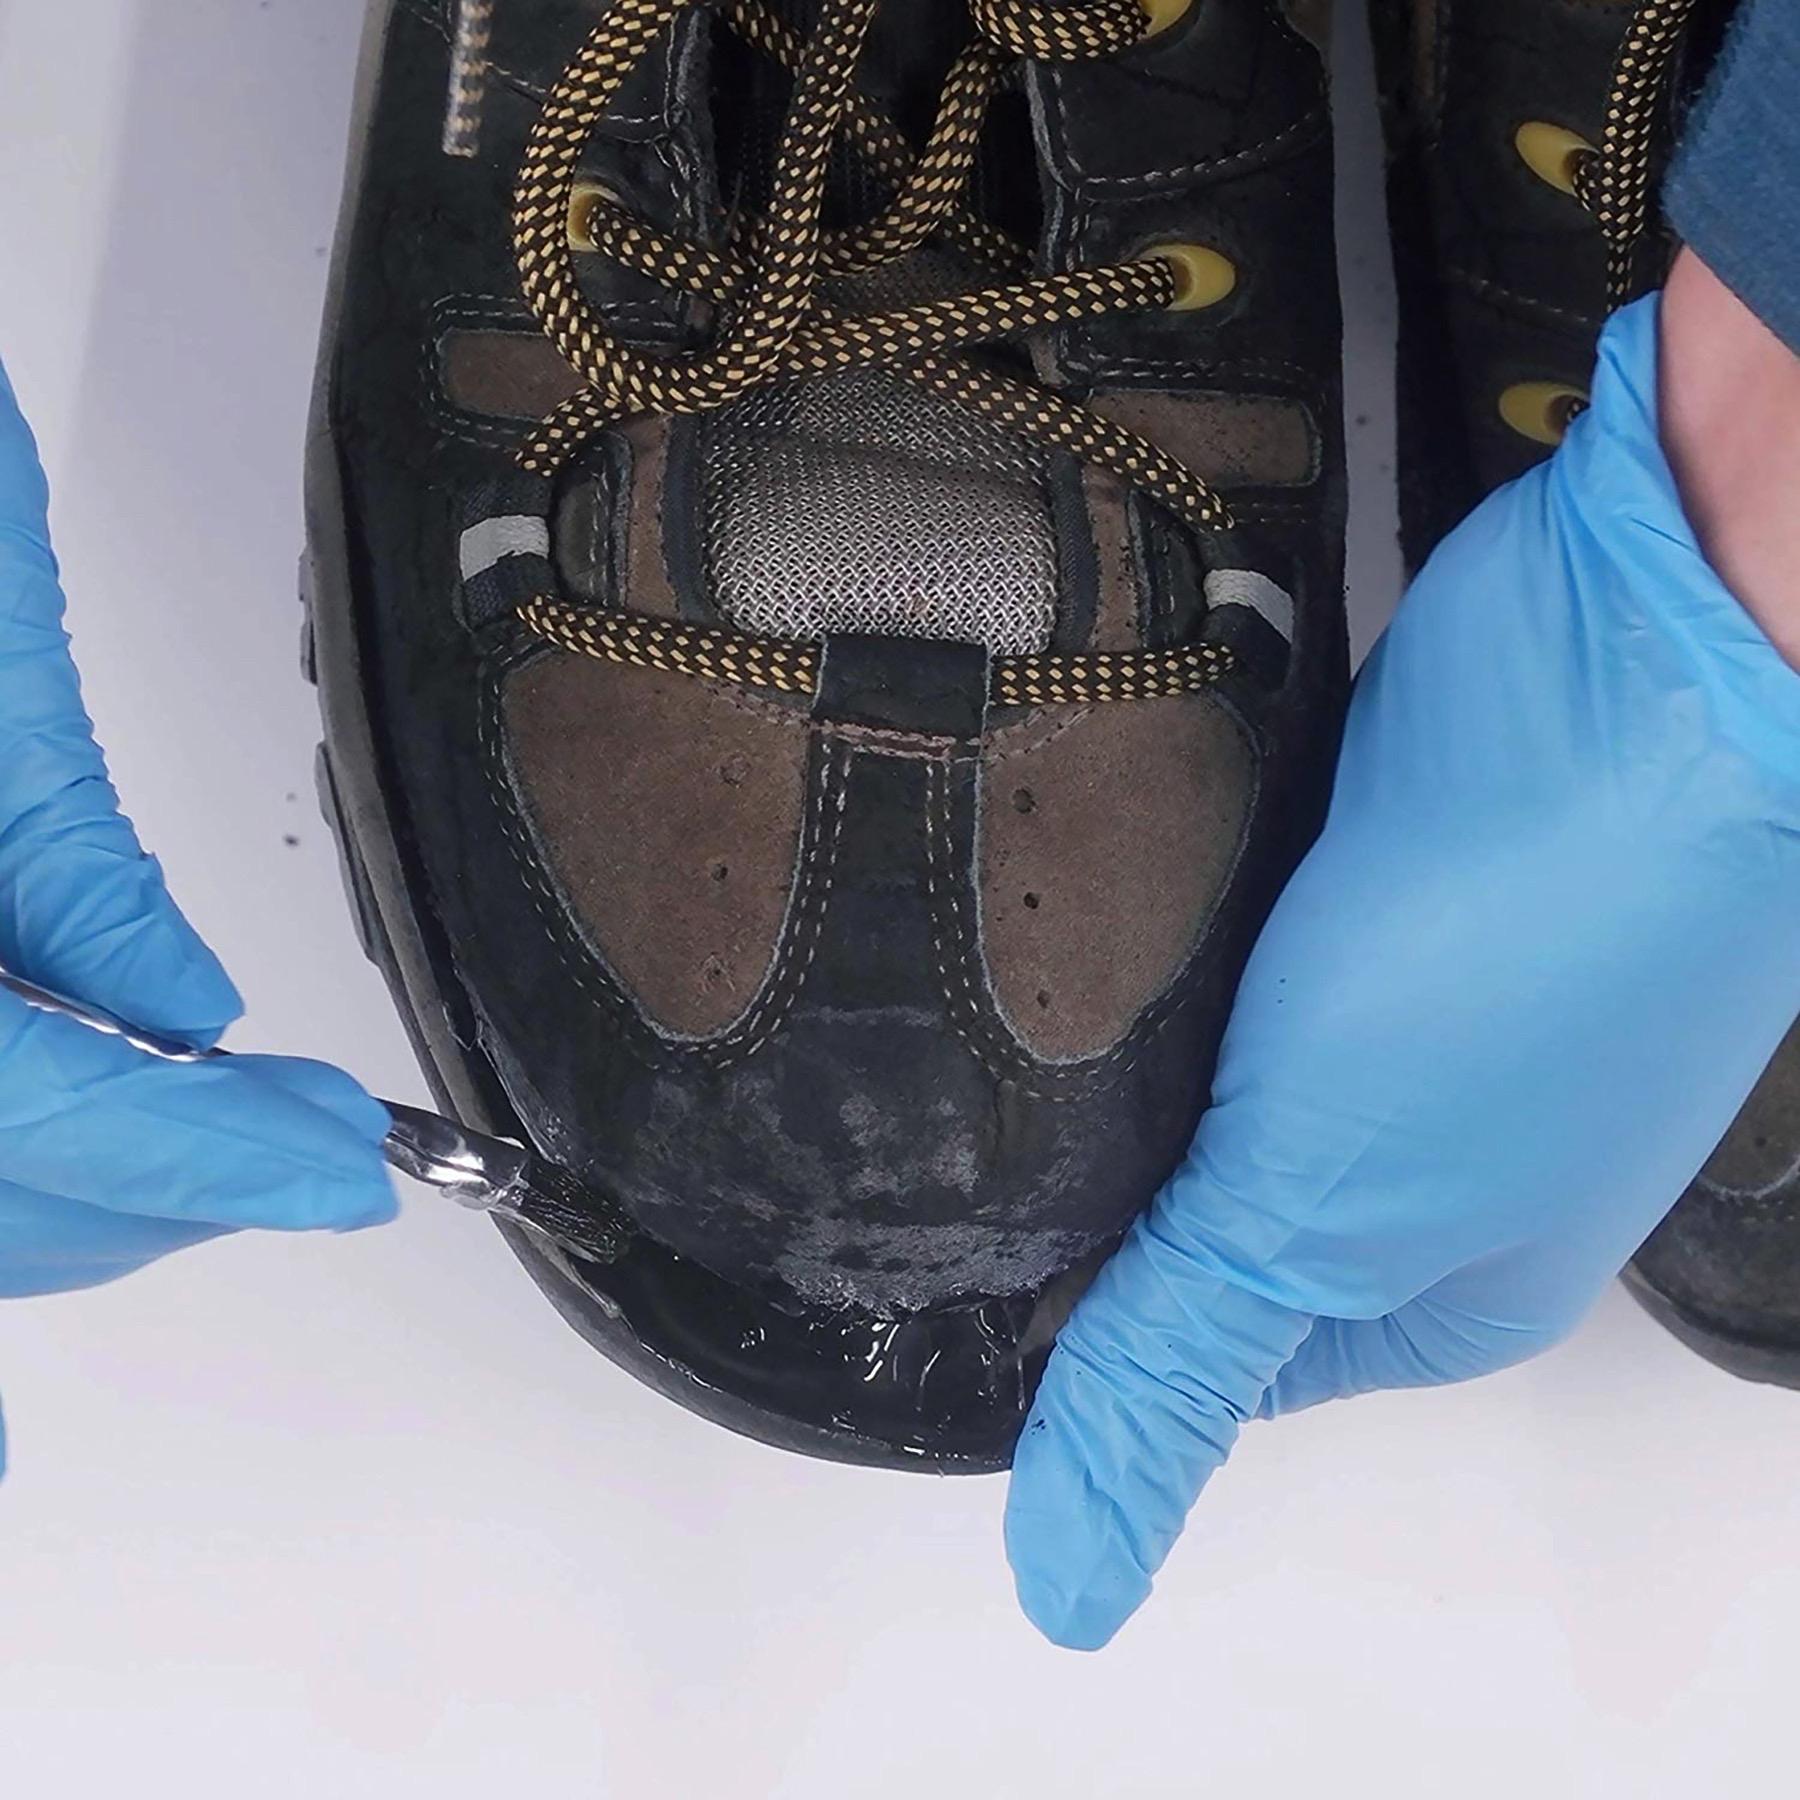 environ 28.35 g Gear Aid Aquaseal SR Chaussure Réparation Adhésif 1 oz Claire Uréthane botte caoutchouc Mastic